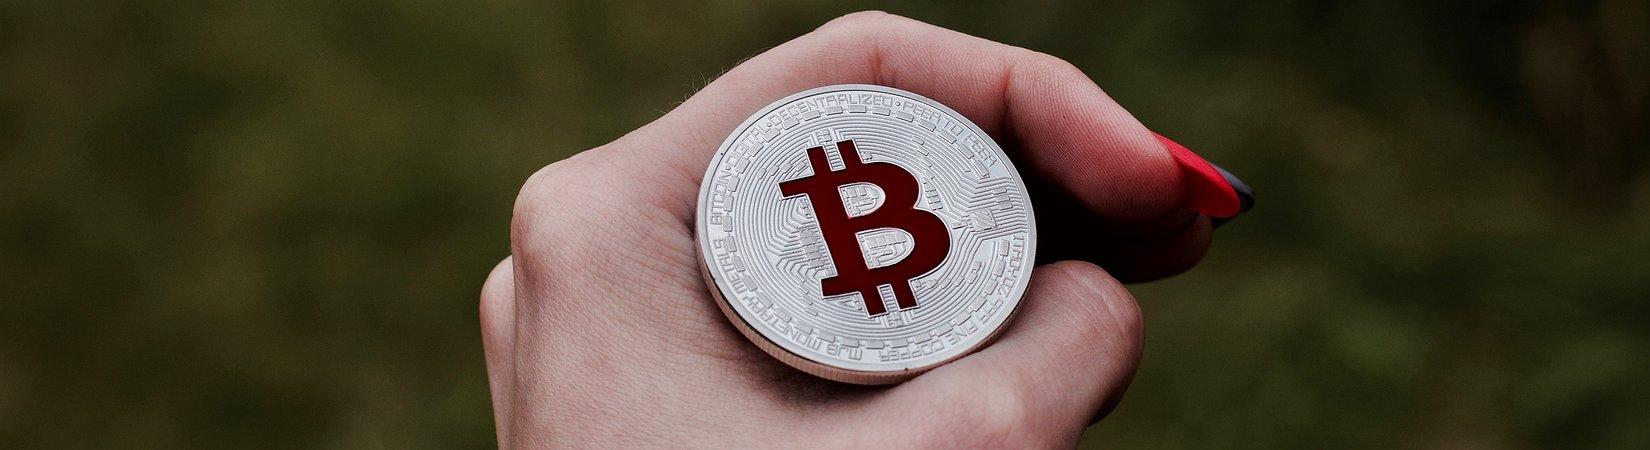 Как использовать Bitcoin Cash